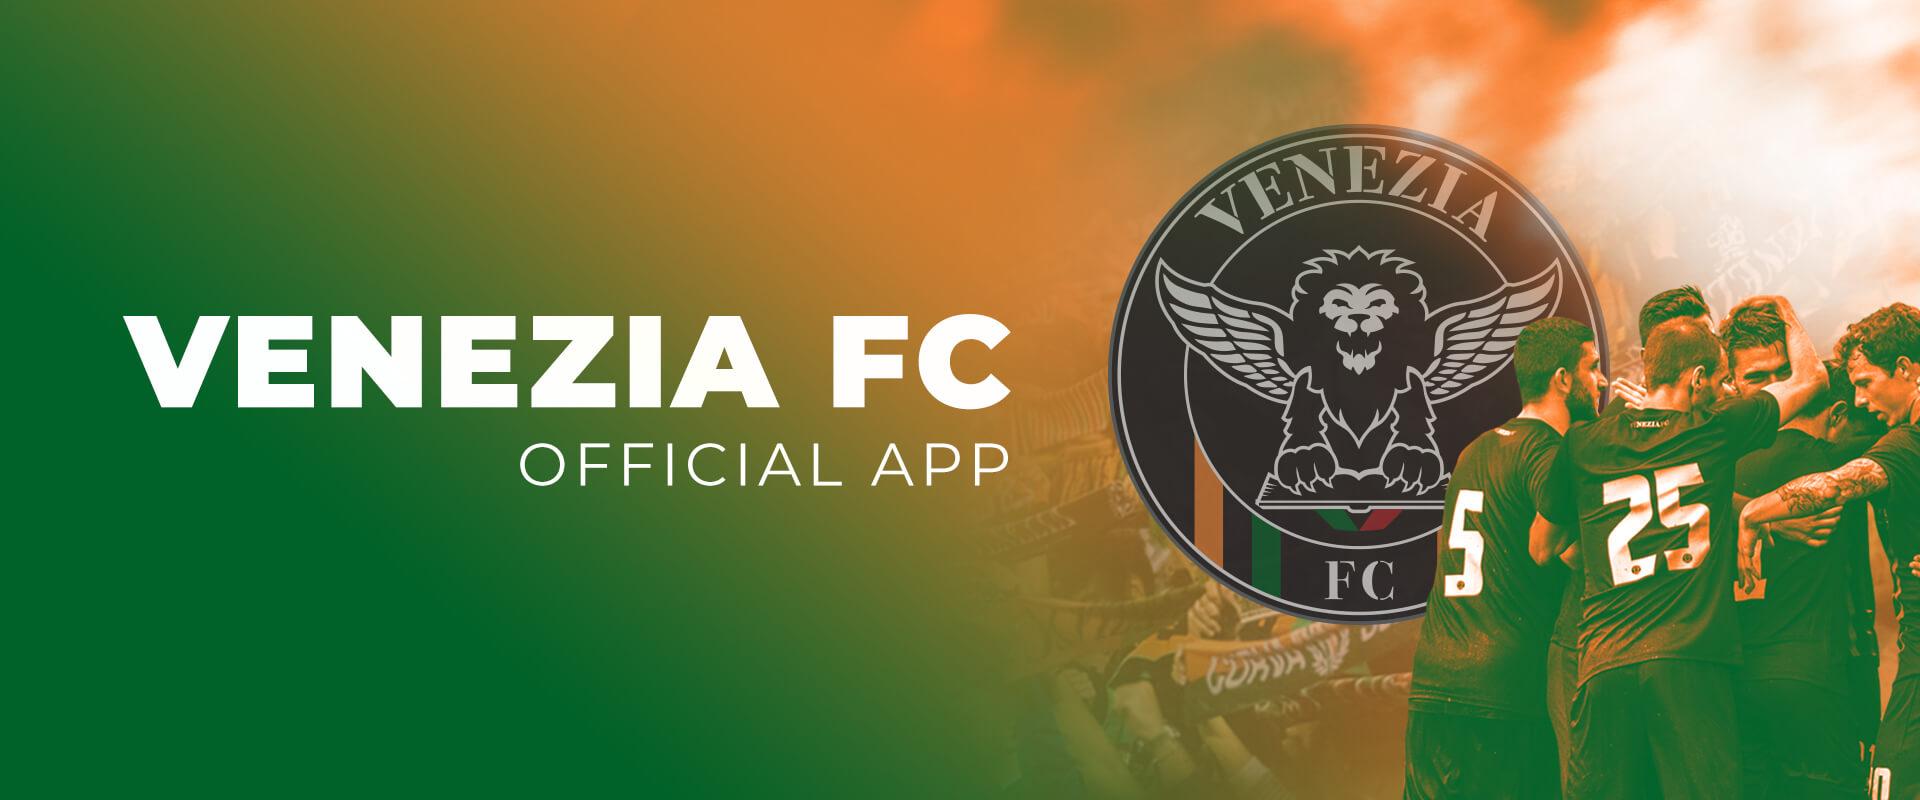 official app venezia fc